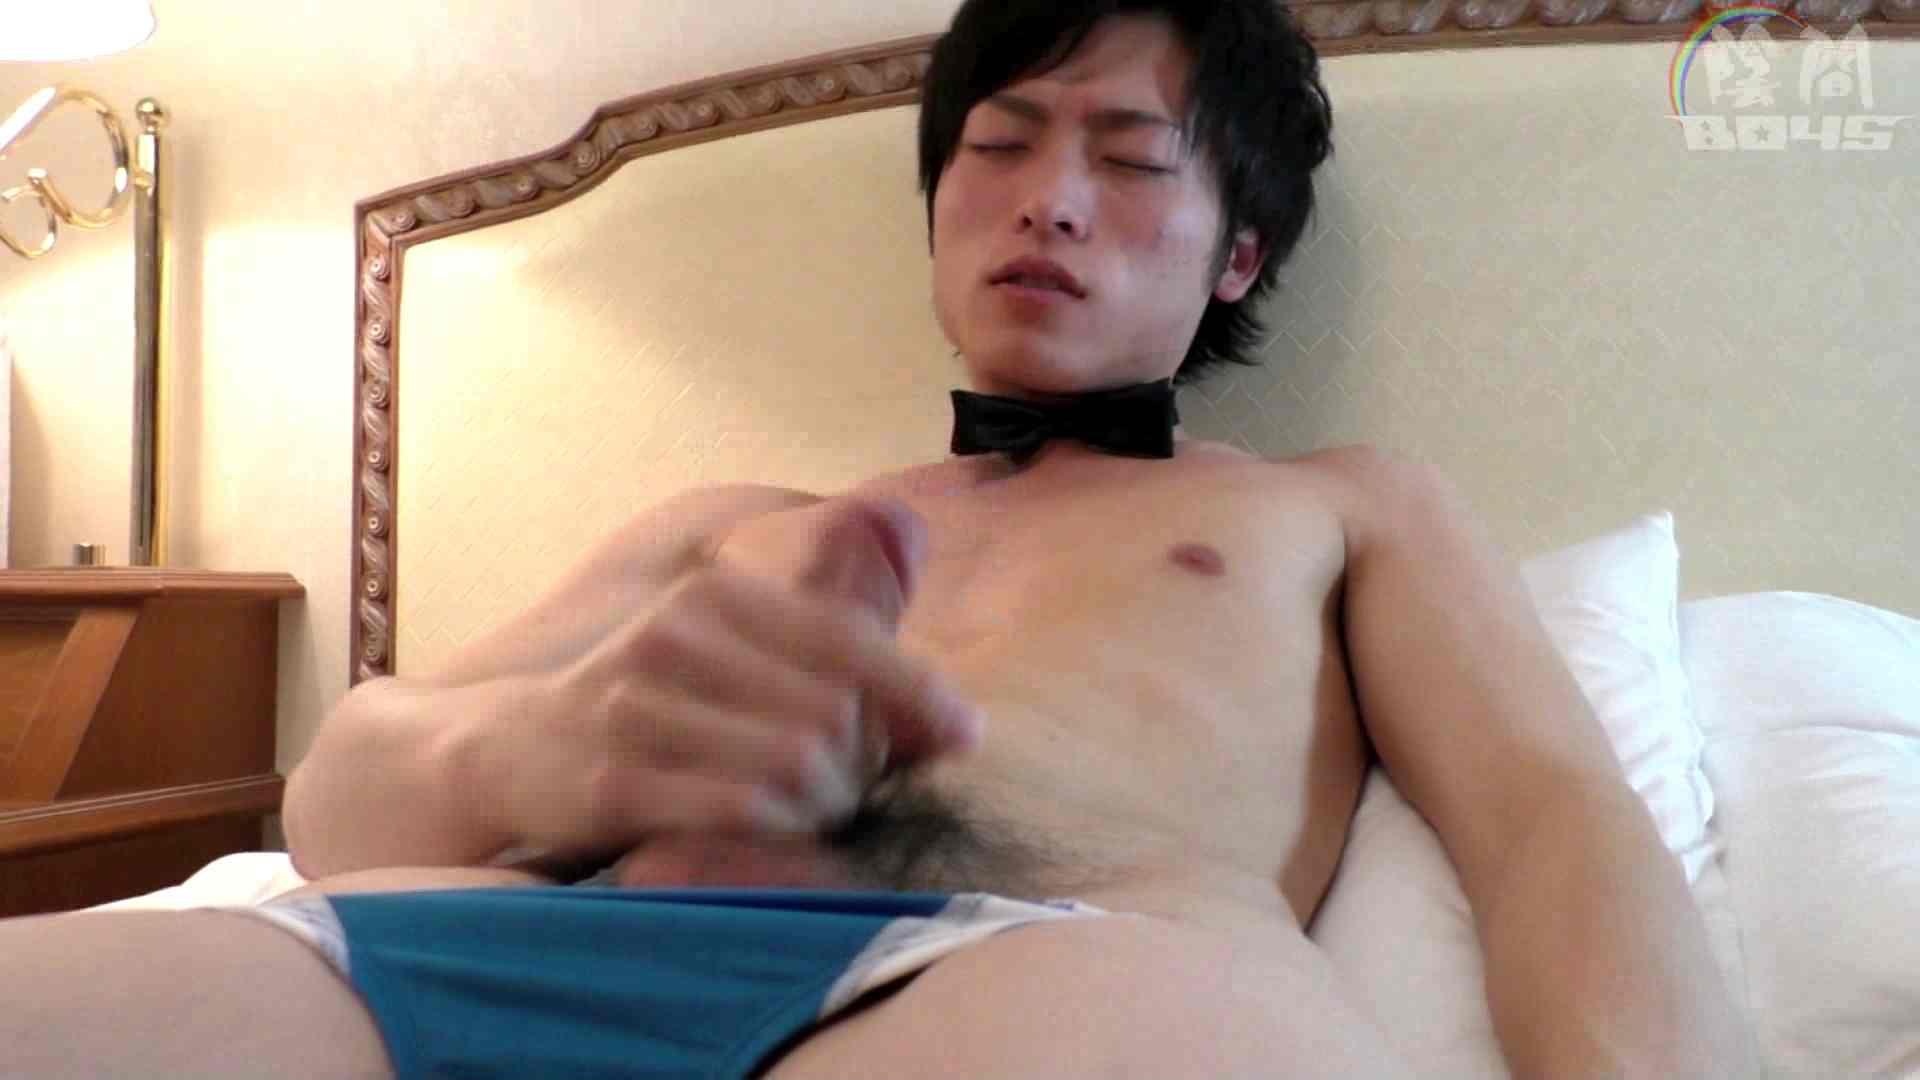 陰間BOYS~AV男優面接2、俺のアナルが…~05 イメージ(av) ゲイAV画像 99pic 9